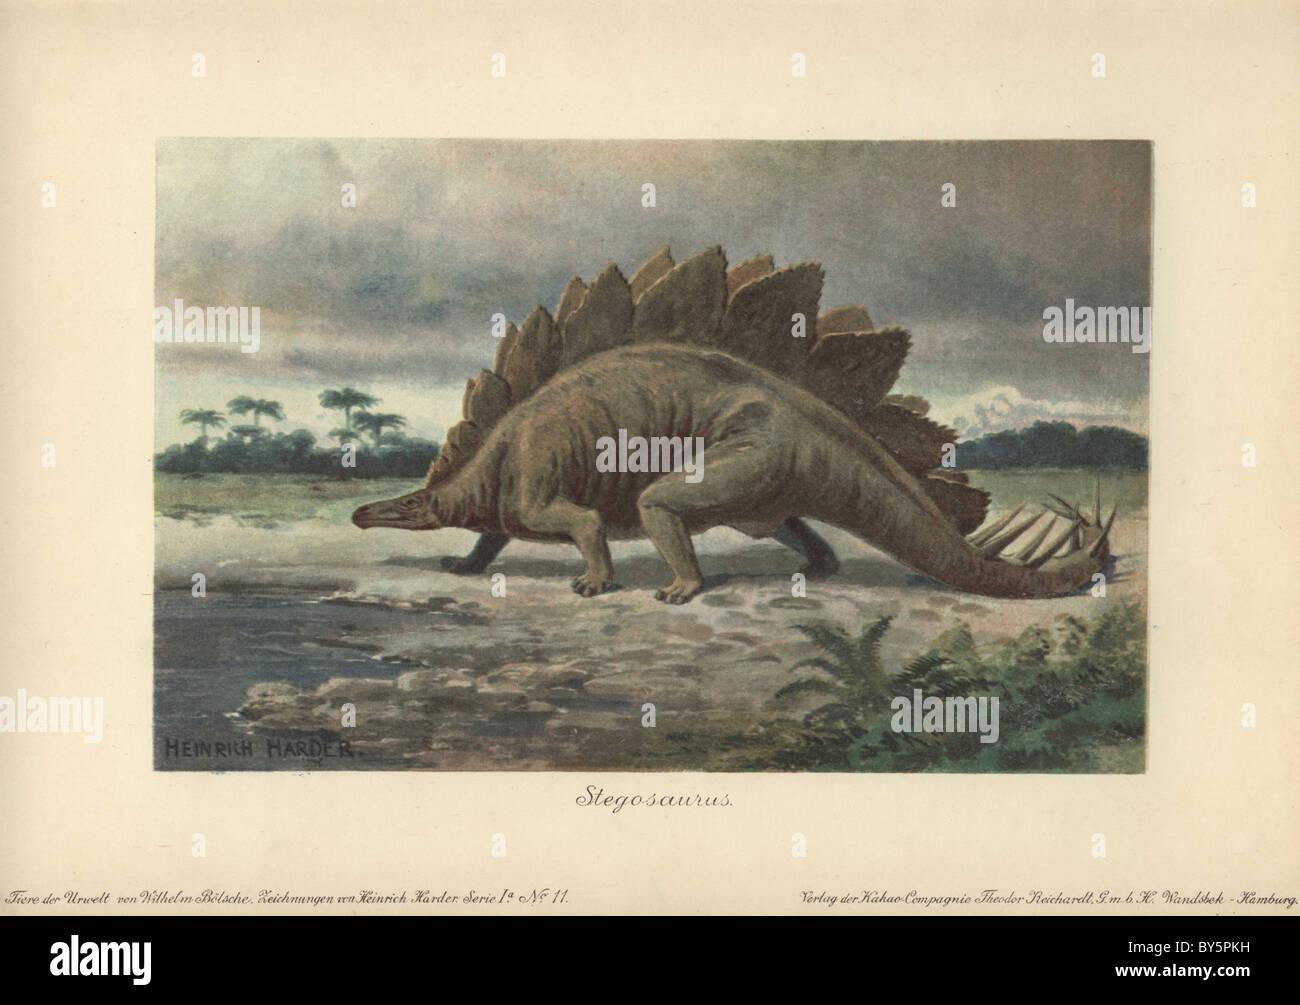 Stegosaurus armatus es un tipo de dinosaurios blindados desde finales del periodo jurásico Imagen De Stock